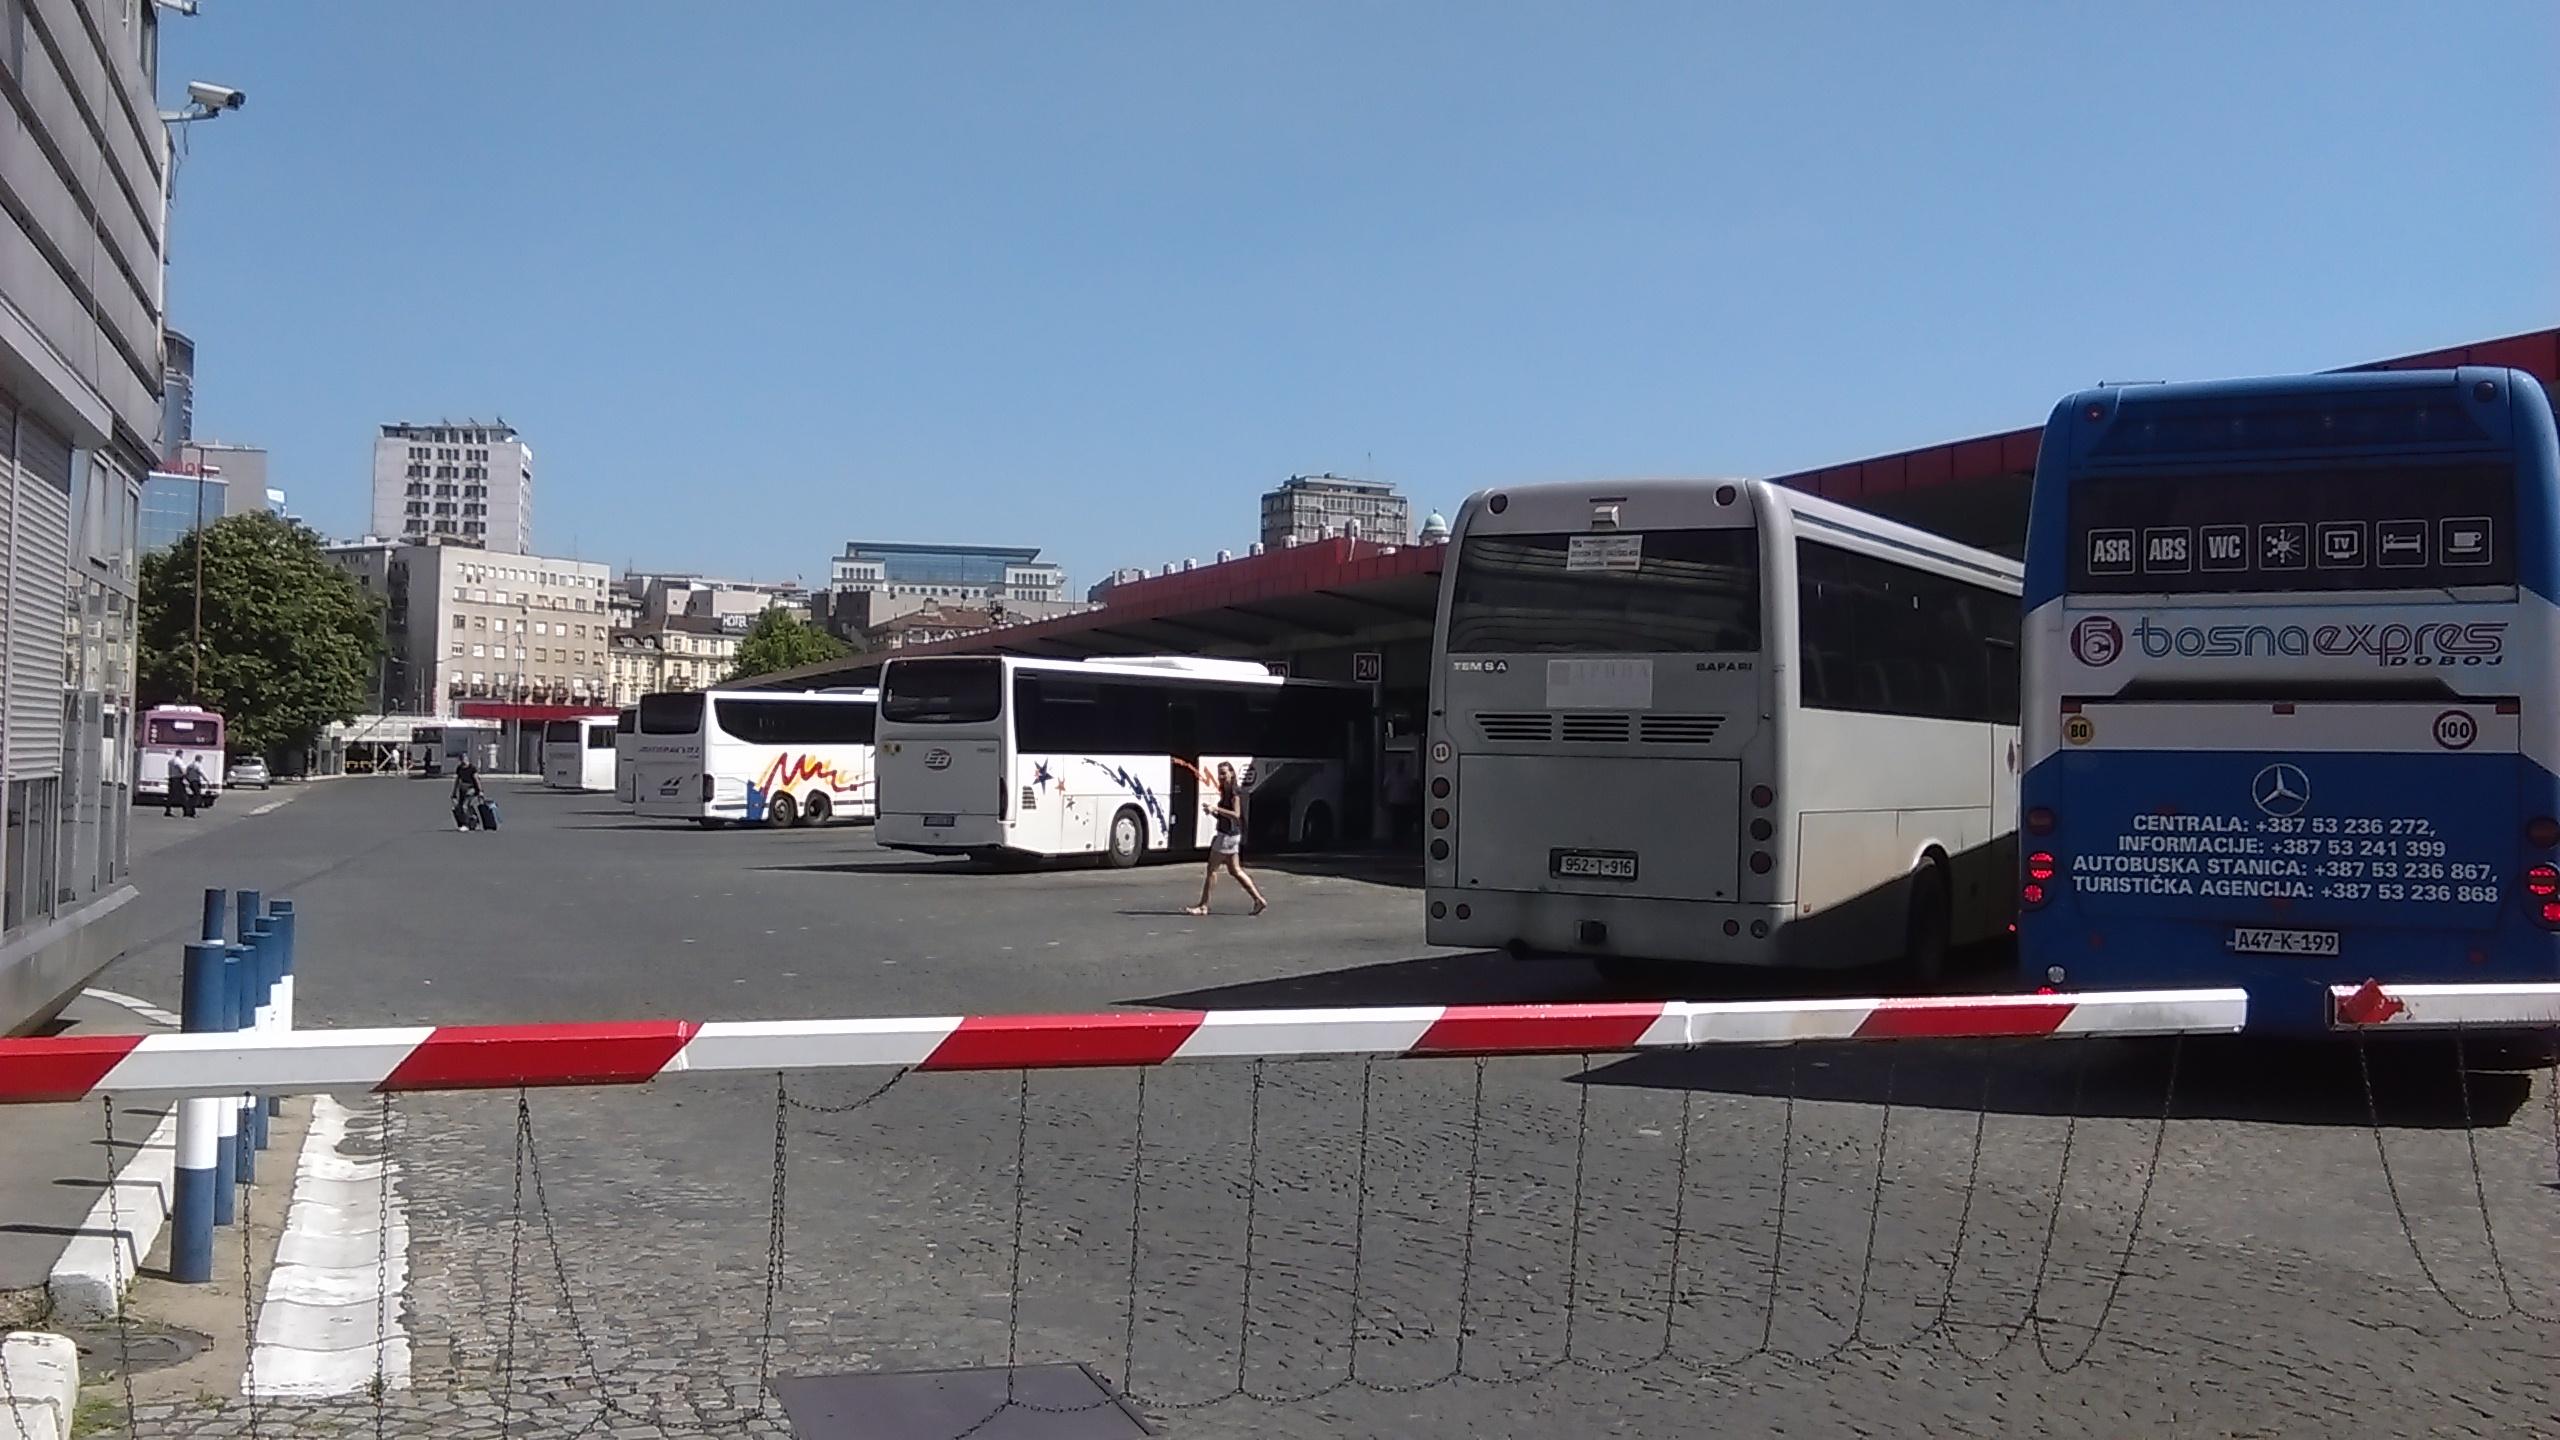 belgr_bus.jpg